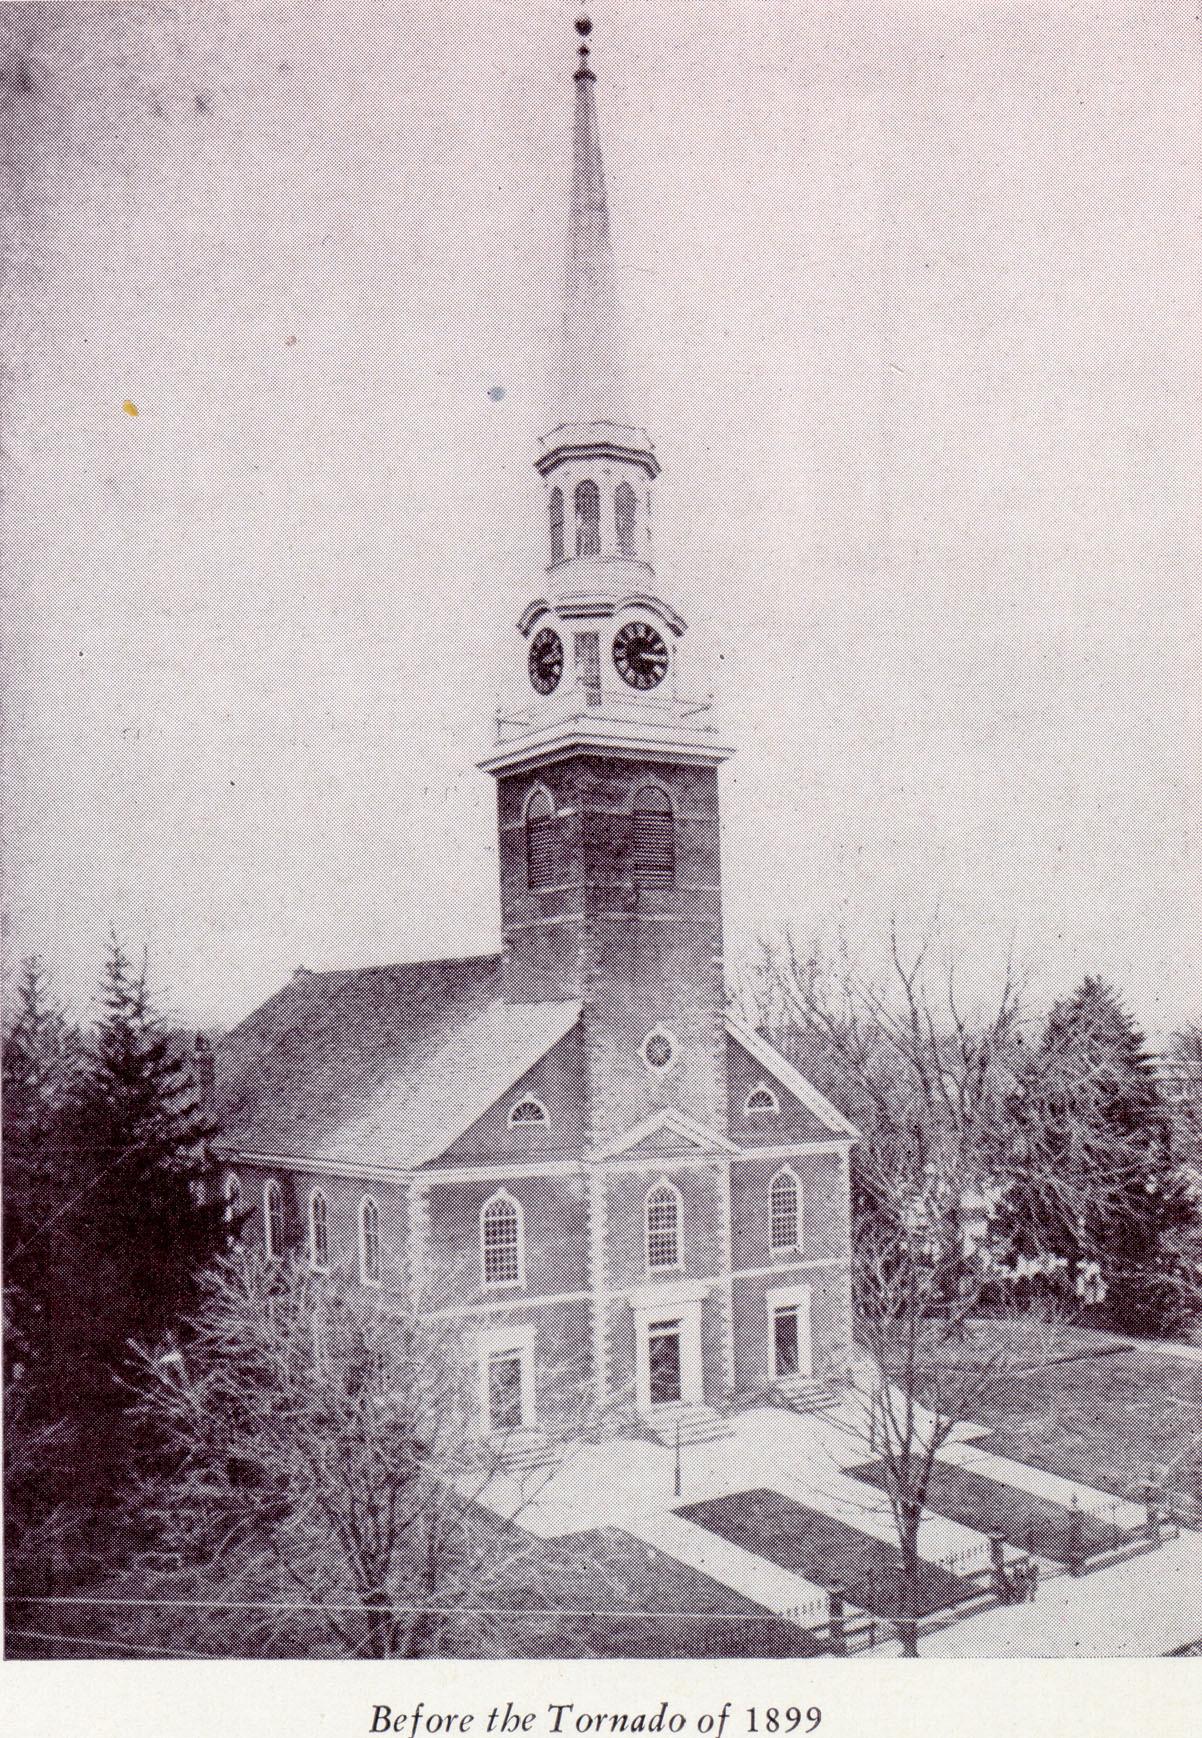 97b009fc3f24ecb9af33_Historic_Image_of_First_Presbyterian_Elizabeth_-_Copy.jpg